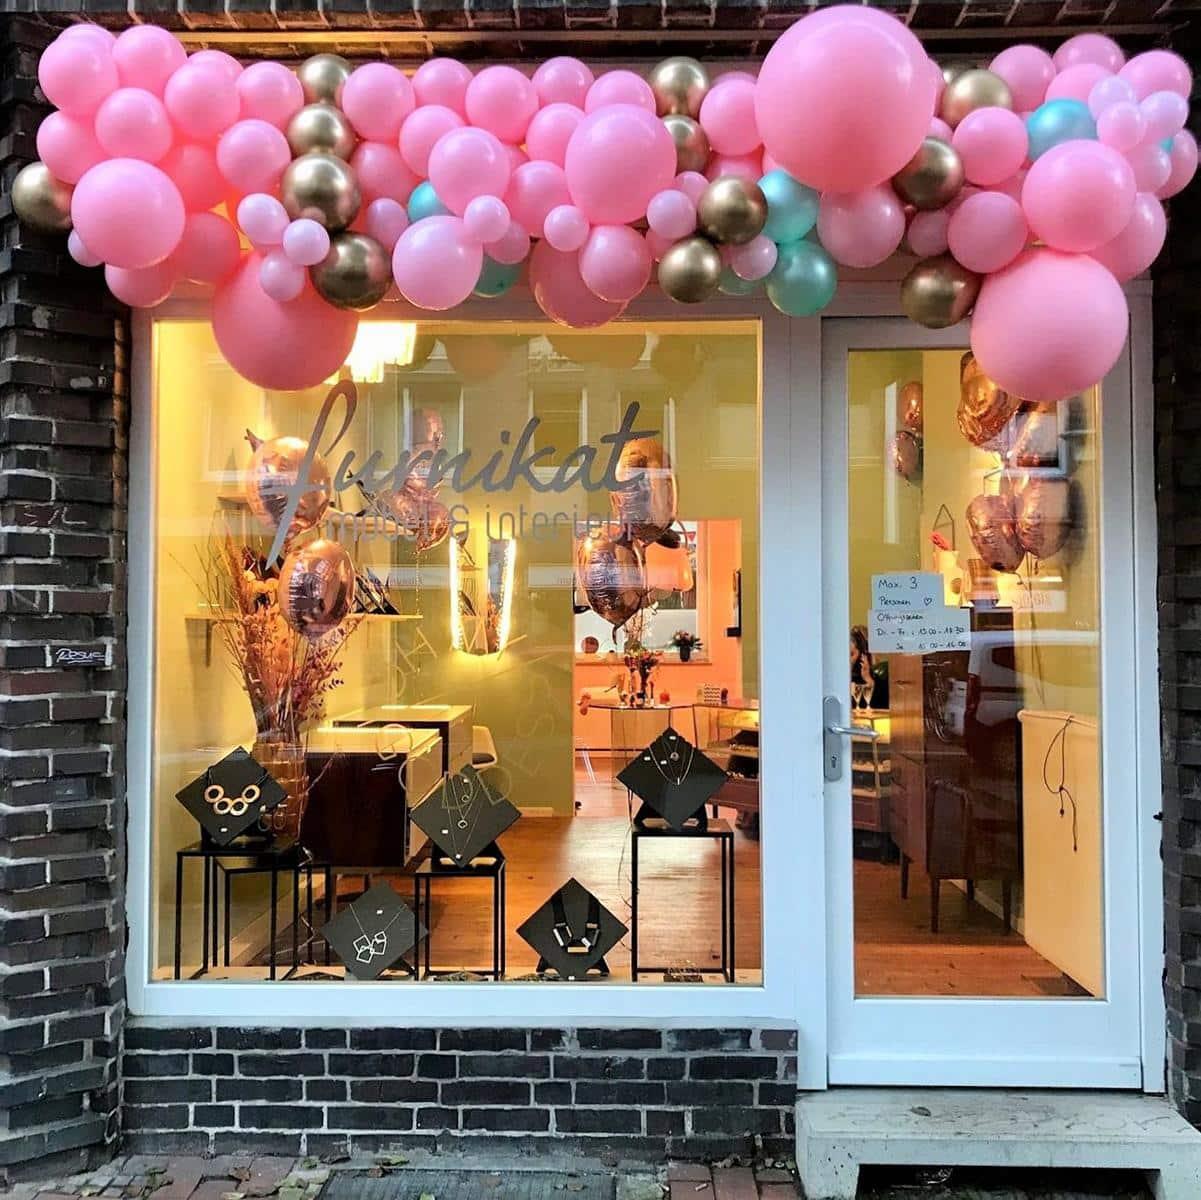 Style Hannover OhMyGoddess Laden - OhMyGoddess – Schmuck für Göttinnen